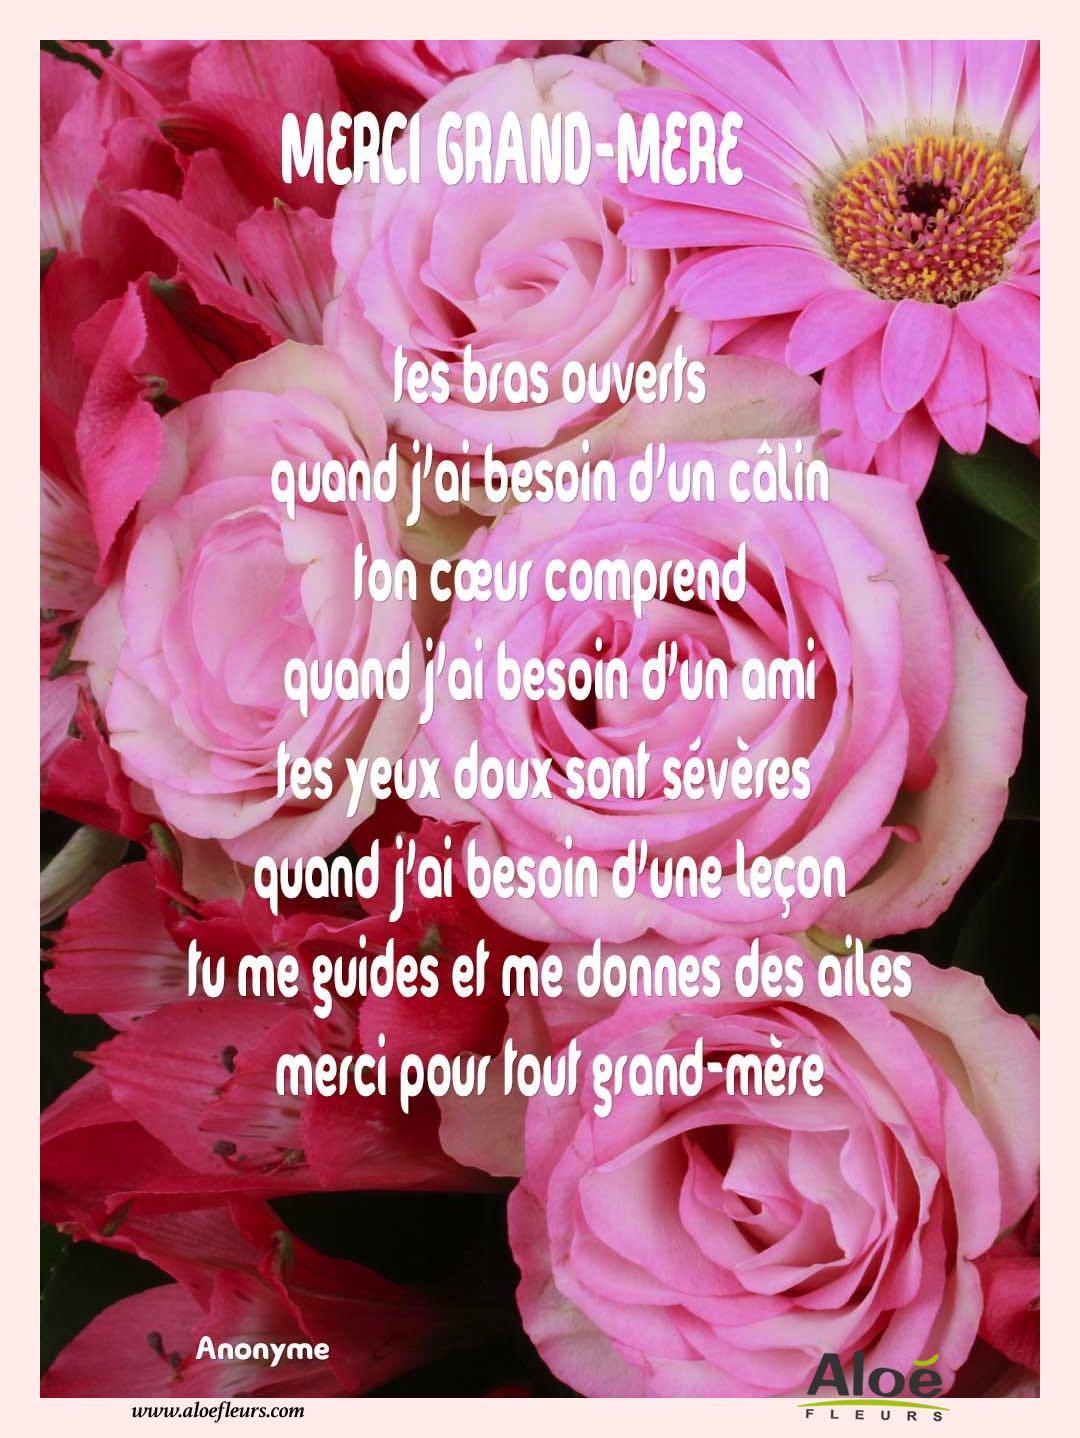 Poemes Fete Des Grands Meres 2016 Aloefleurscom Merci